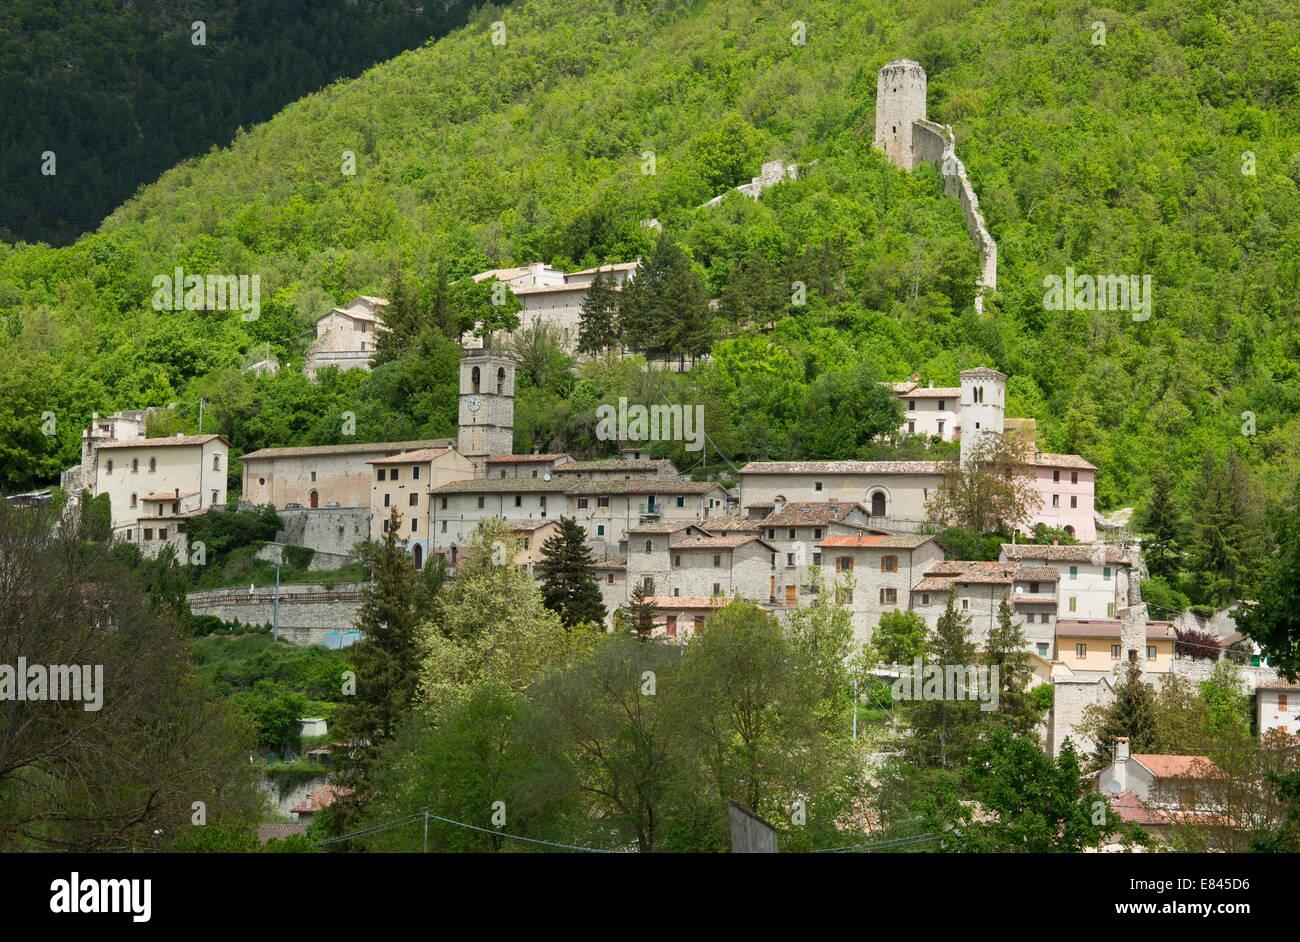 La petite ville de Castelsantangelo dans le parc national des Monts Sibyllins, Apennins, en Italie. Photo Stock